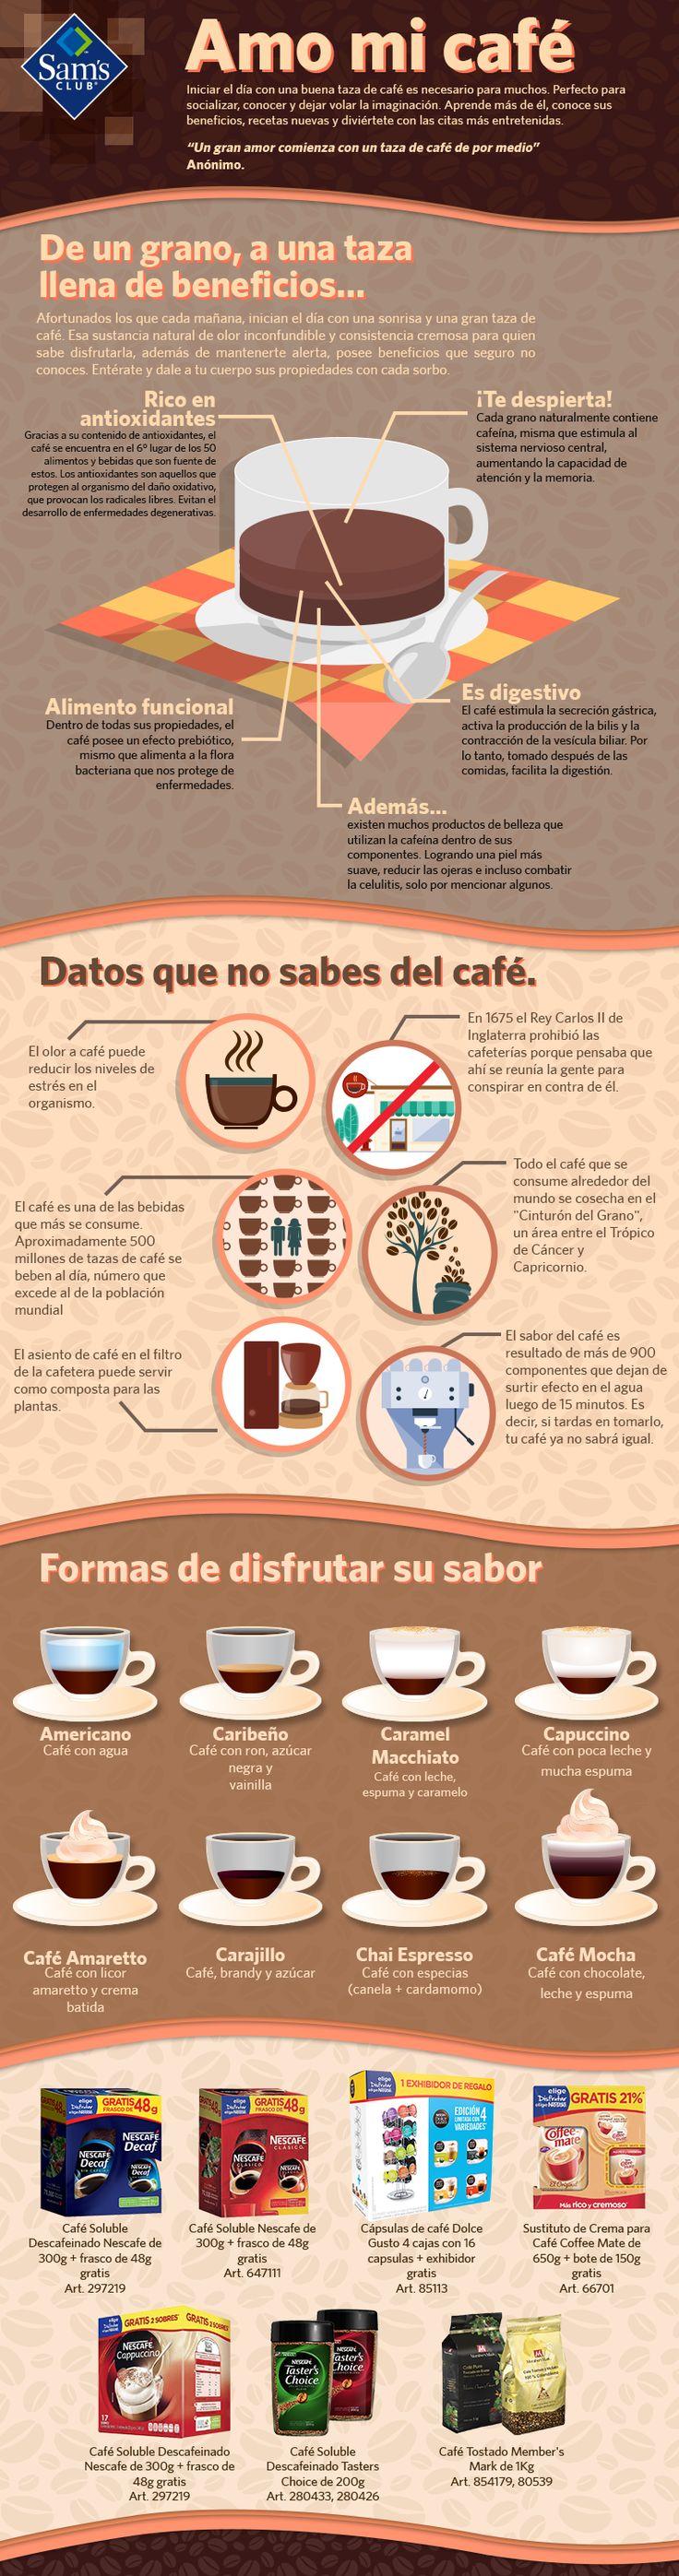 Aprende más de tu café, conoce sus beneficios, recetas nuevas y diviértete con las citas más entretenidas.